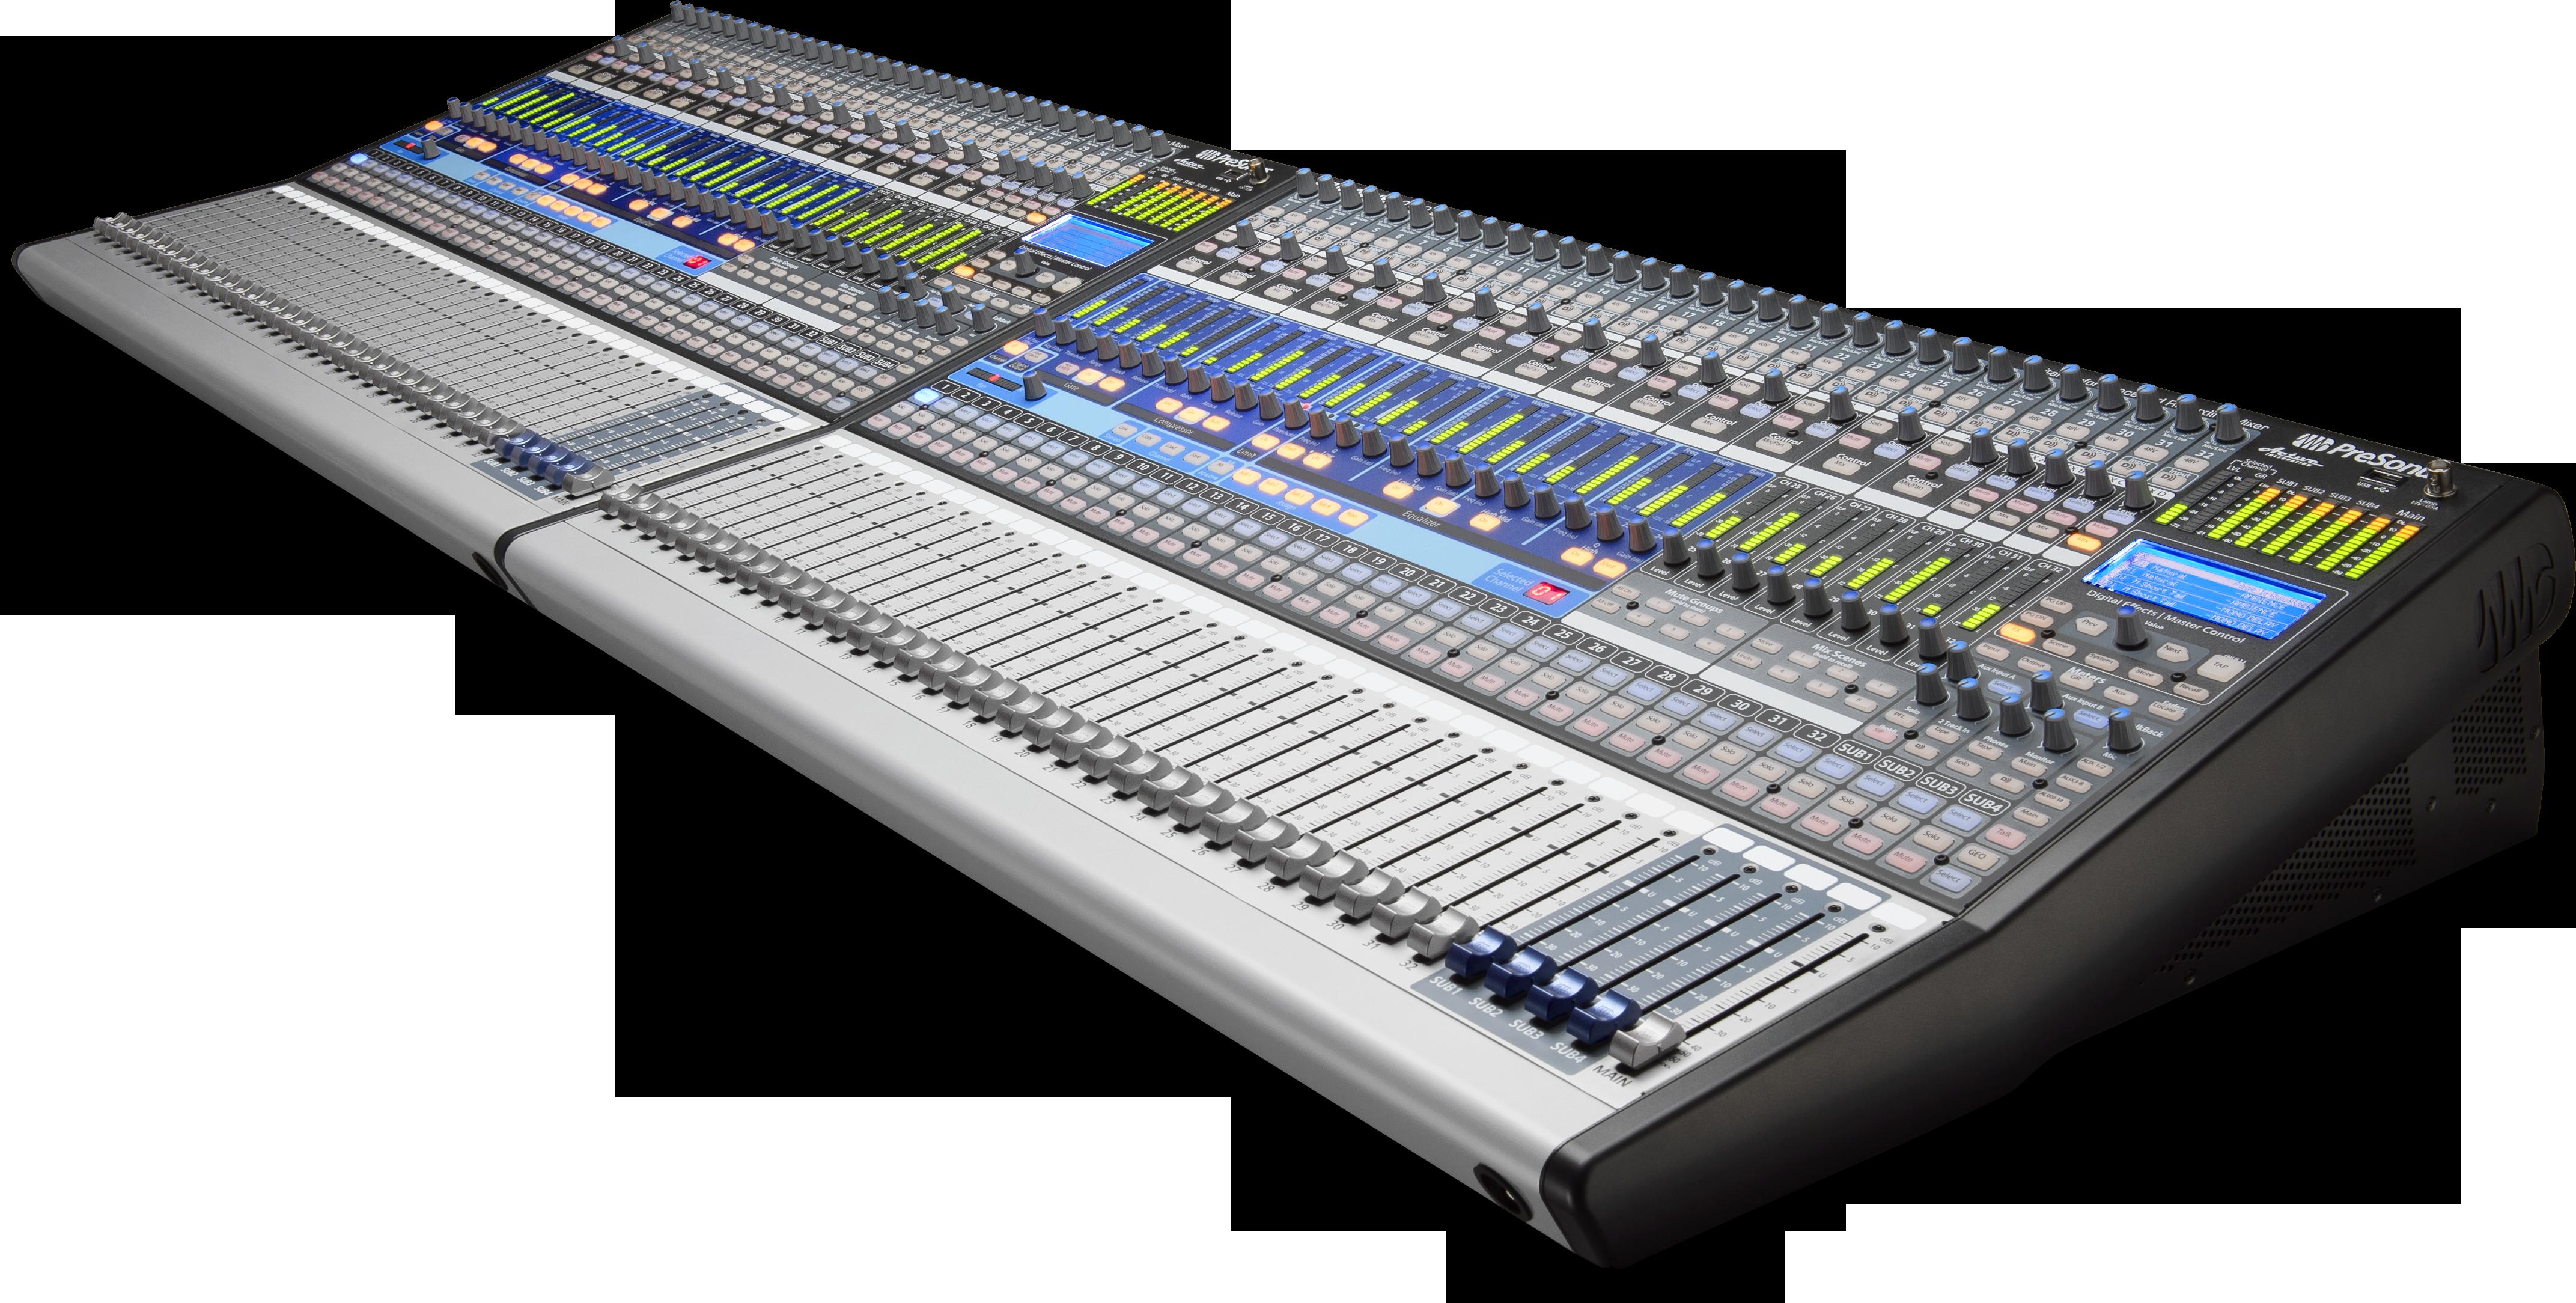 Studio Mixer Png